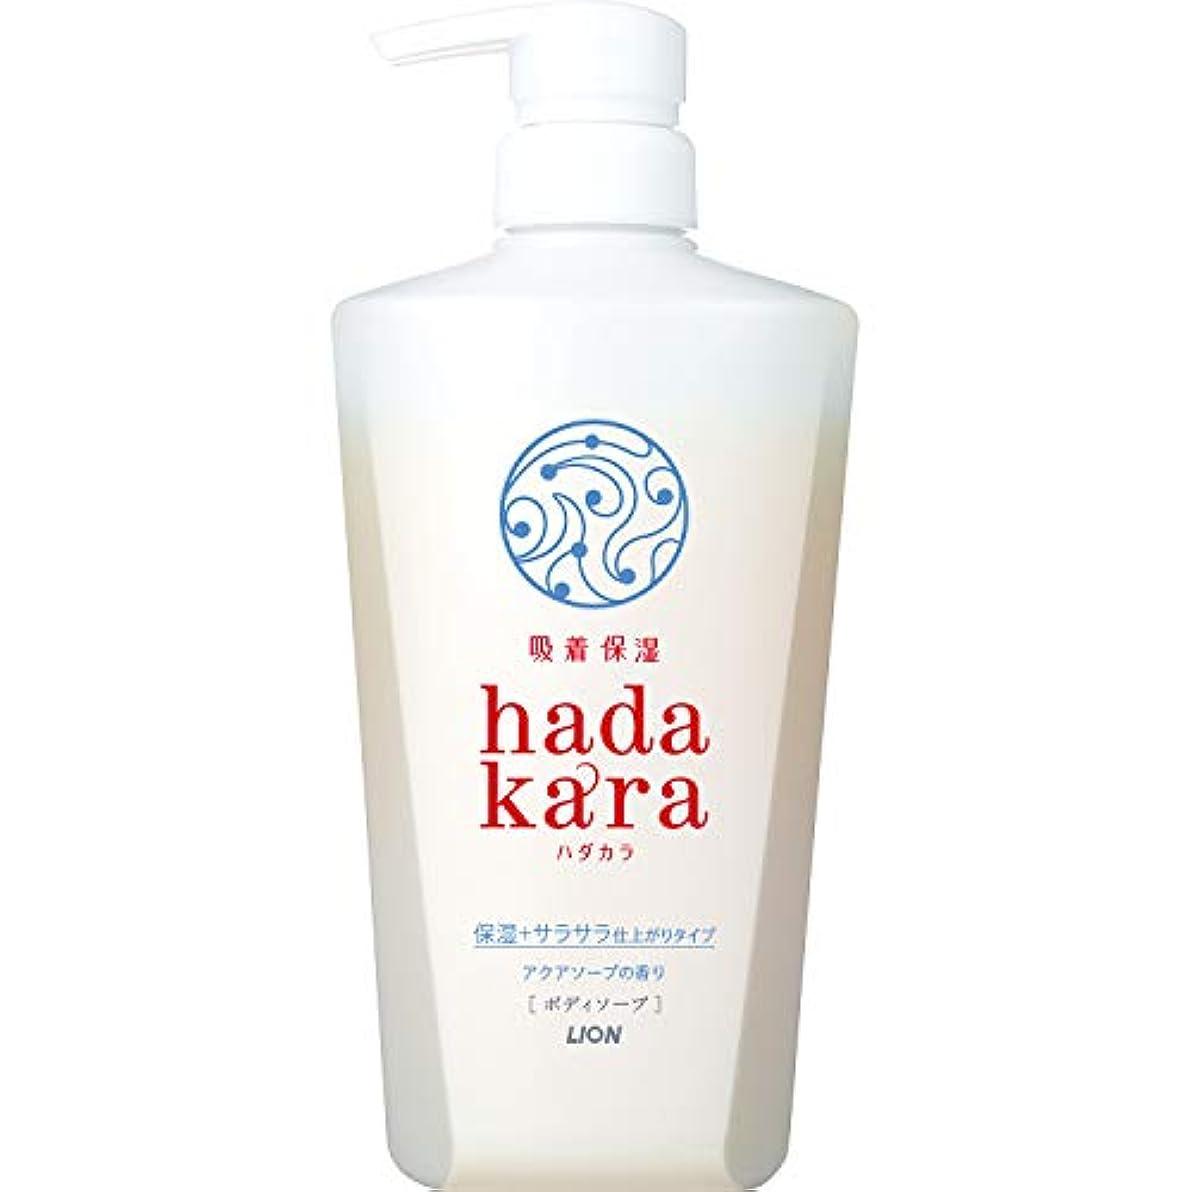 聞きます混乱フォームhadakara(ハダカラ) ボディソープ 保湿+サラサラ仕上がりタイプ アクアソープの香り 本体 480ml